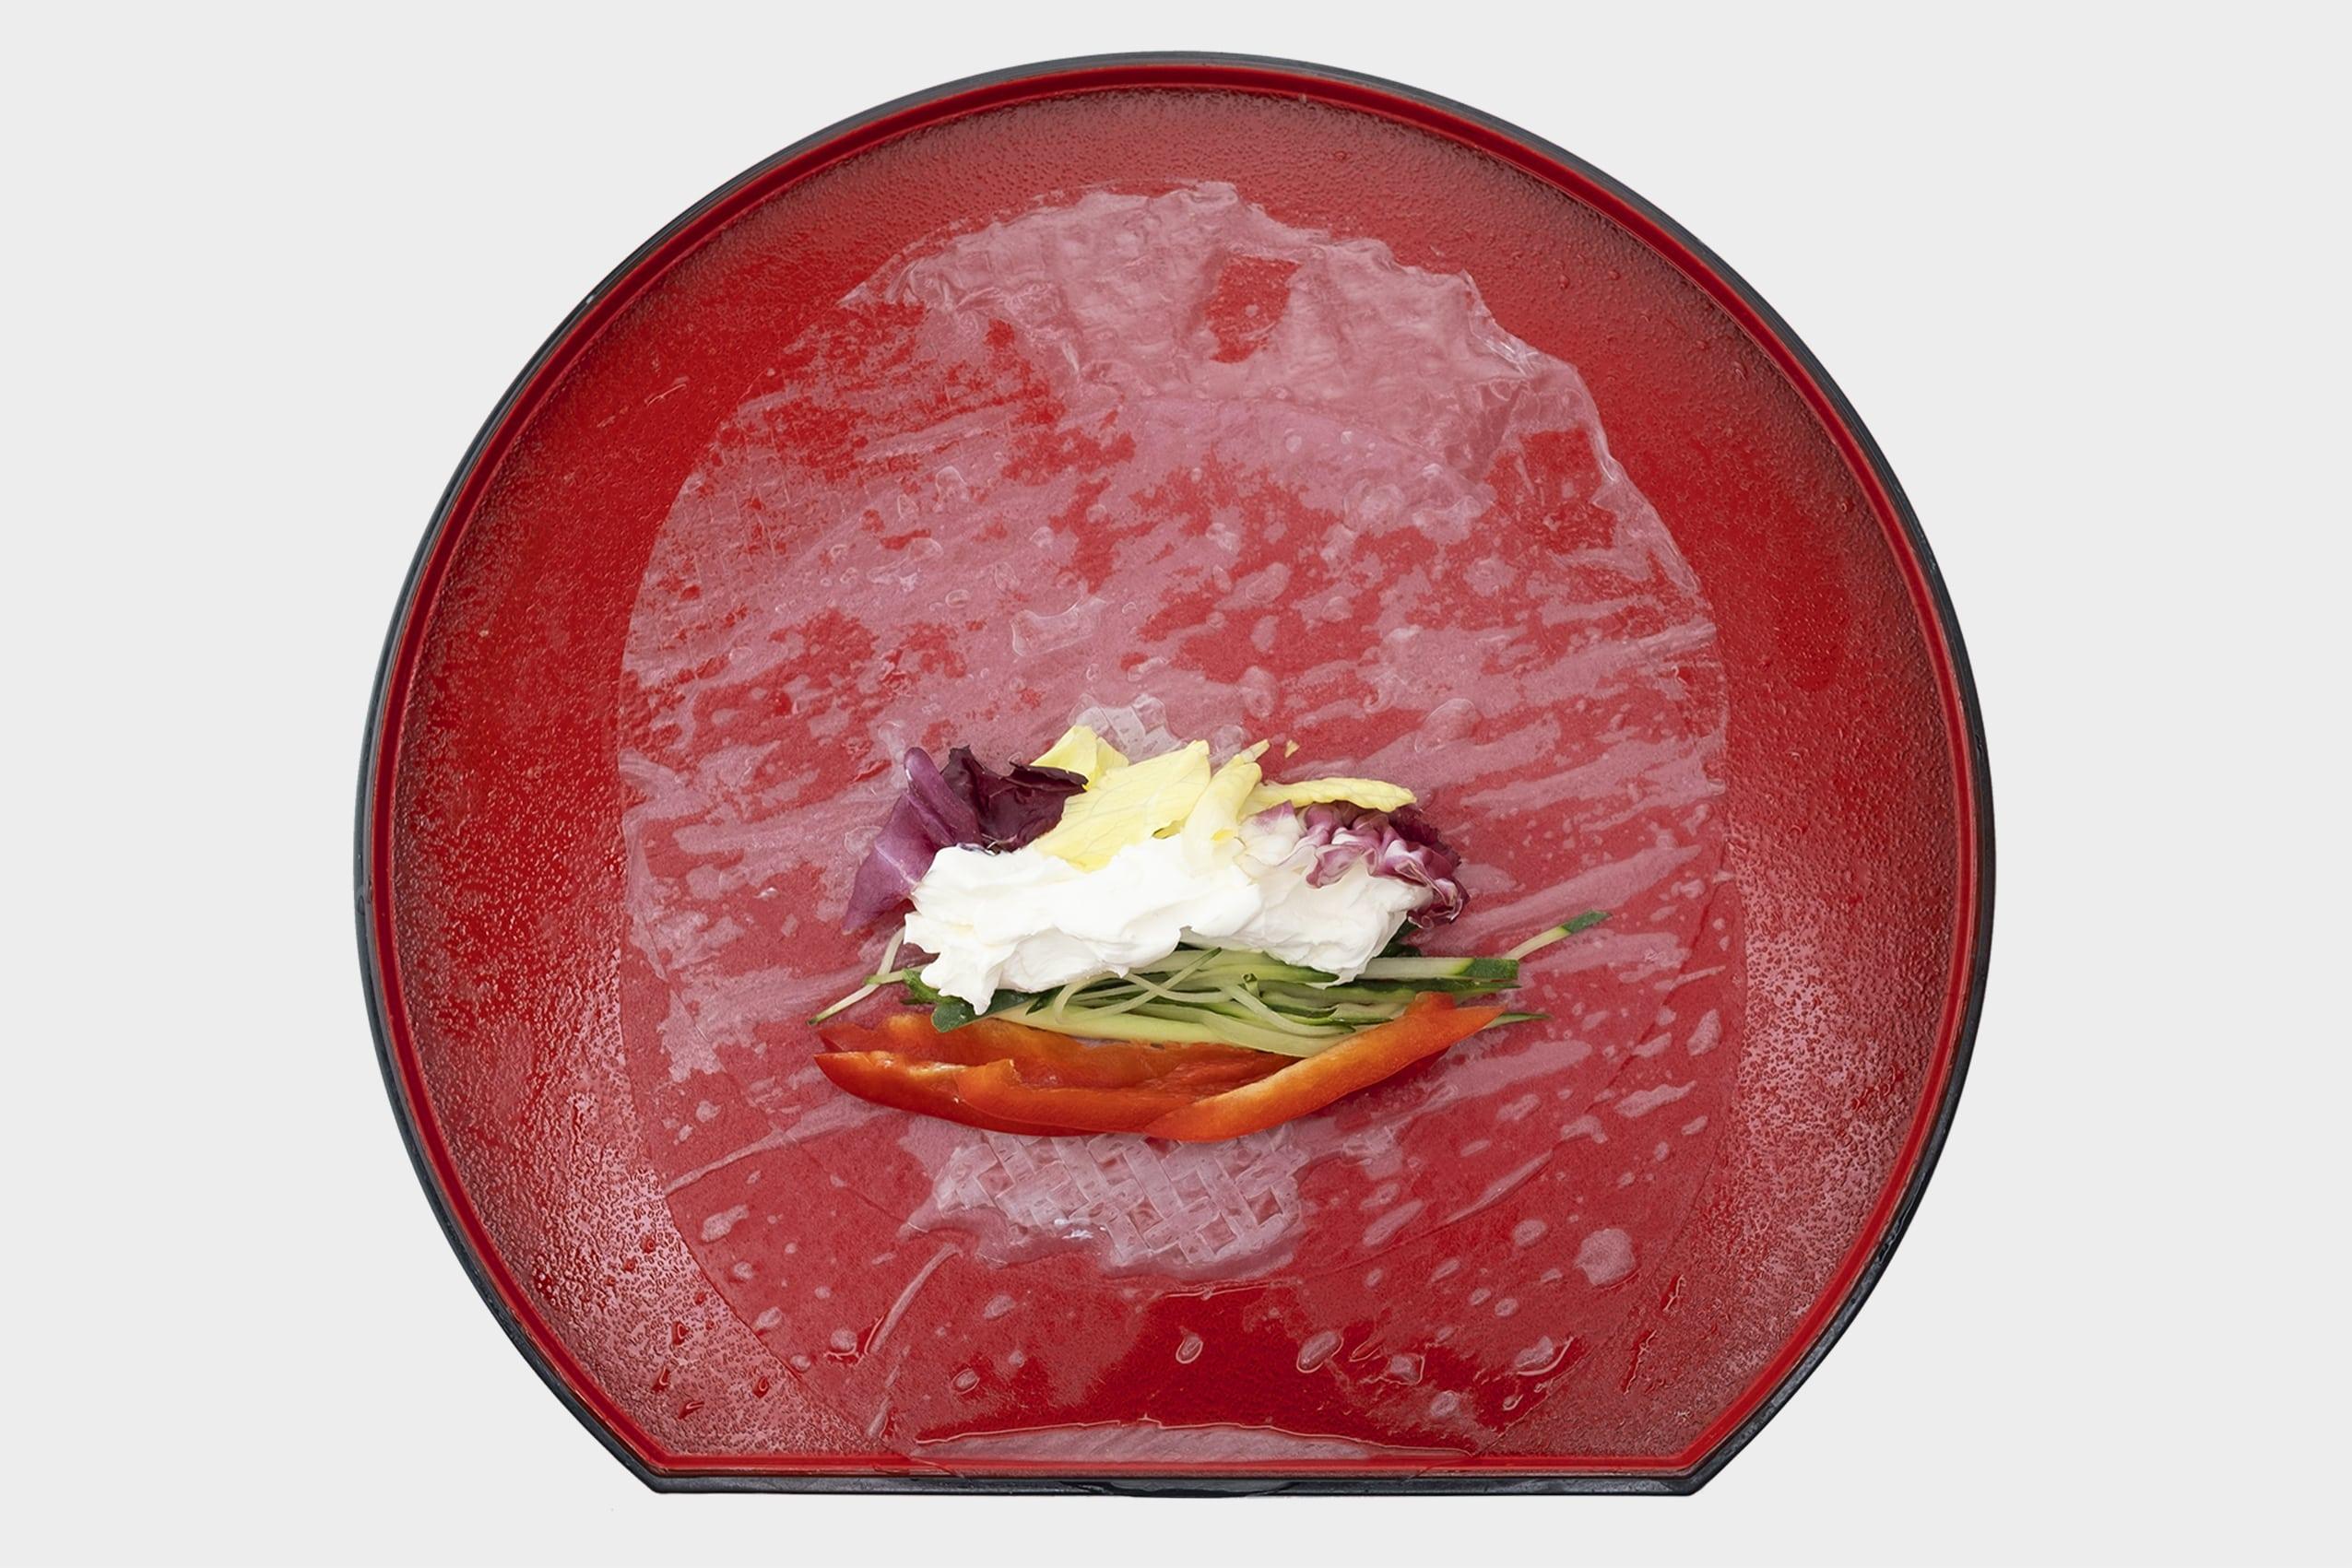 Рецепт приготовления ролла с лососем в рисовой бумаге